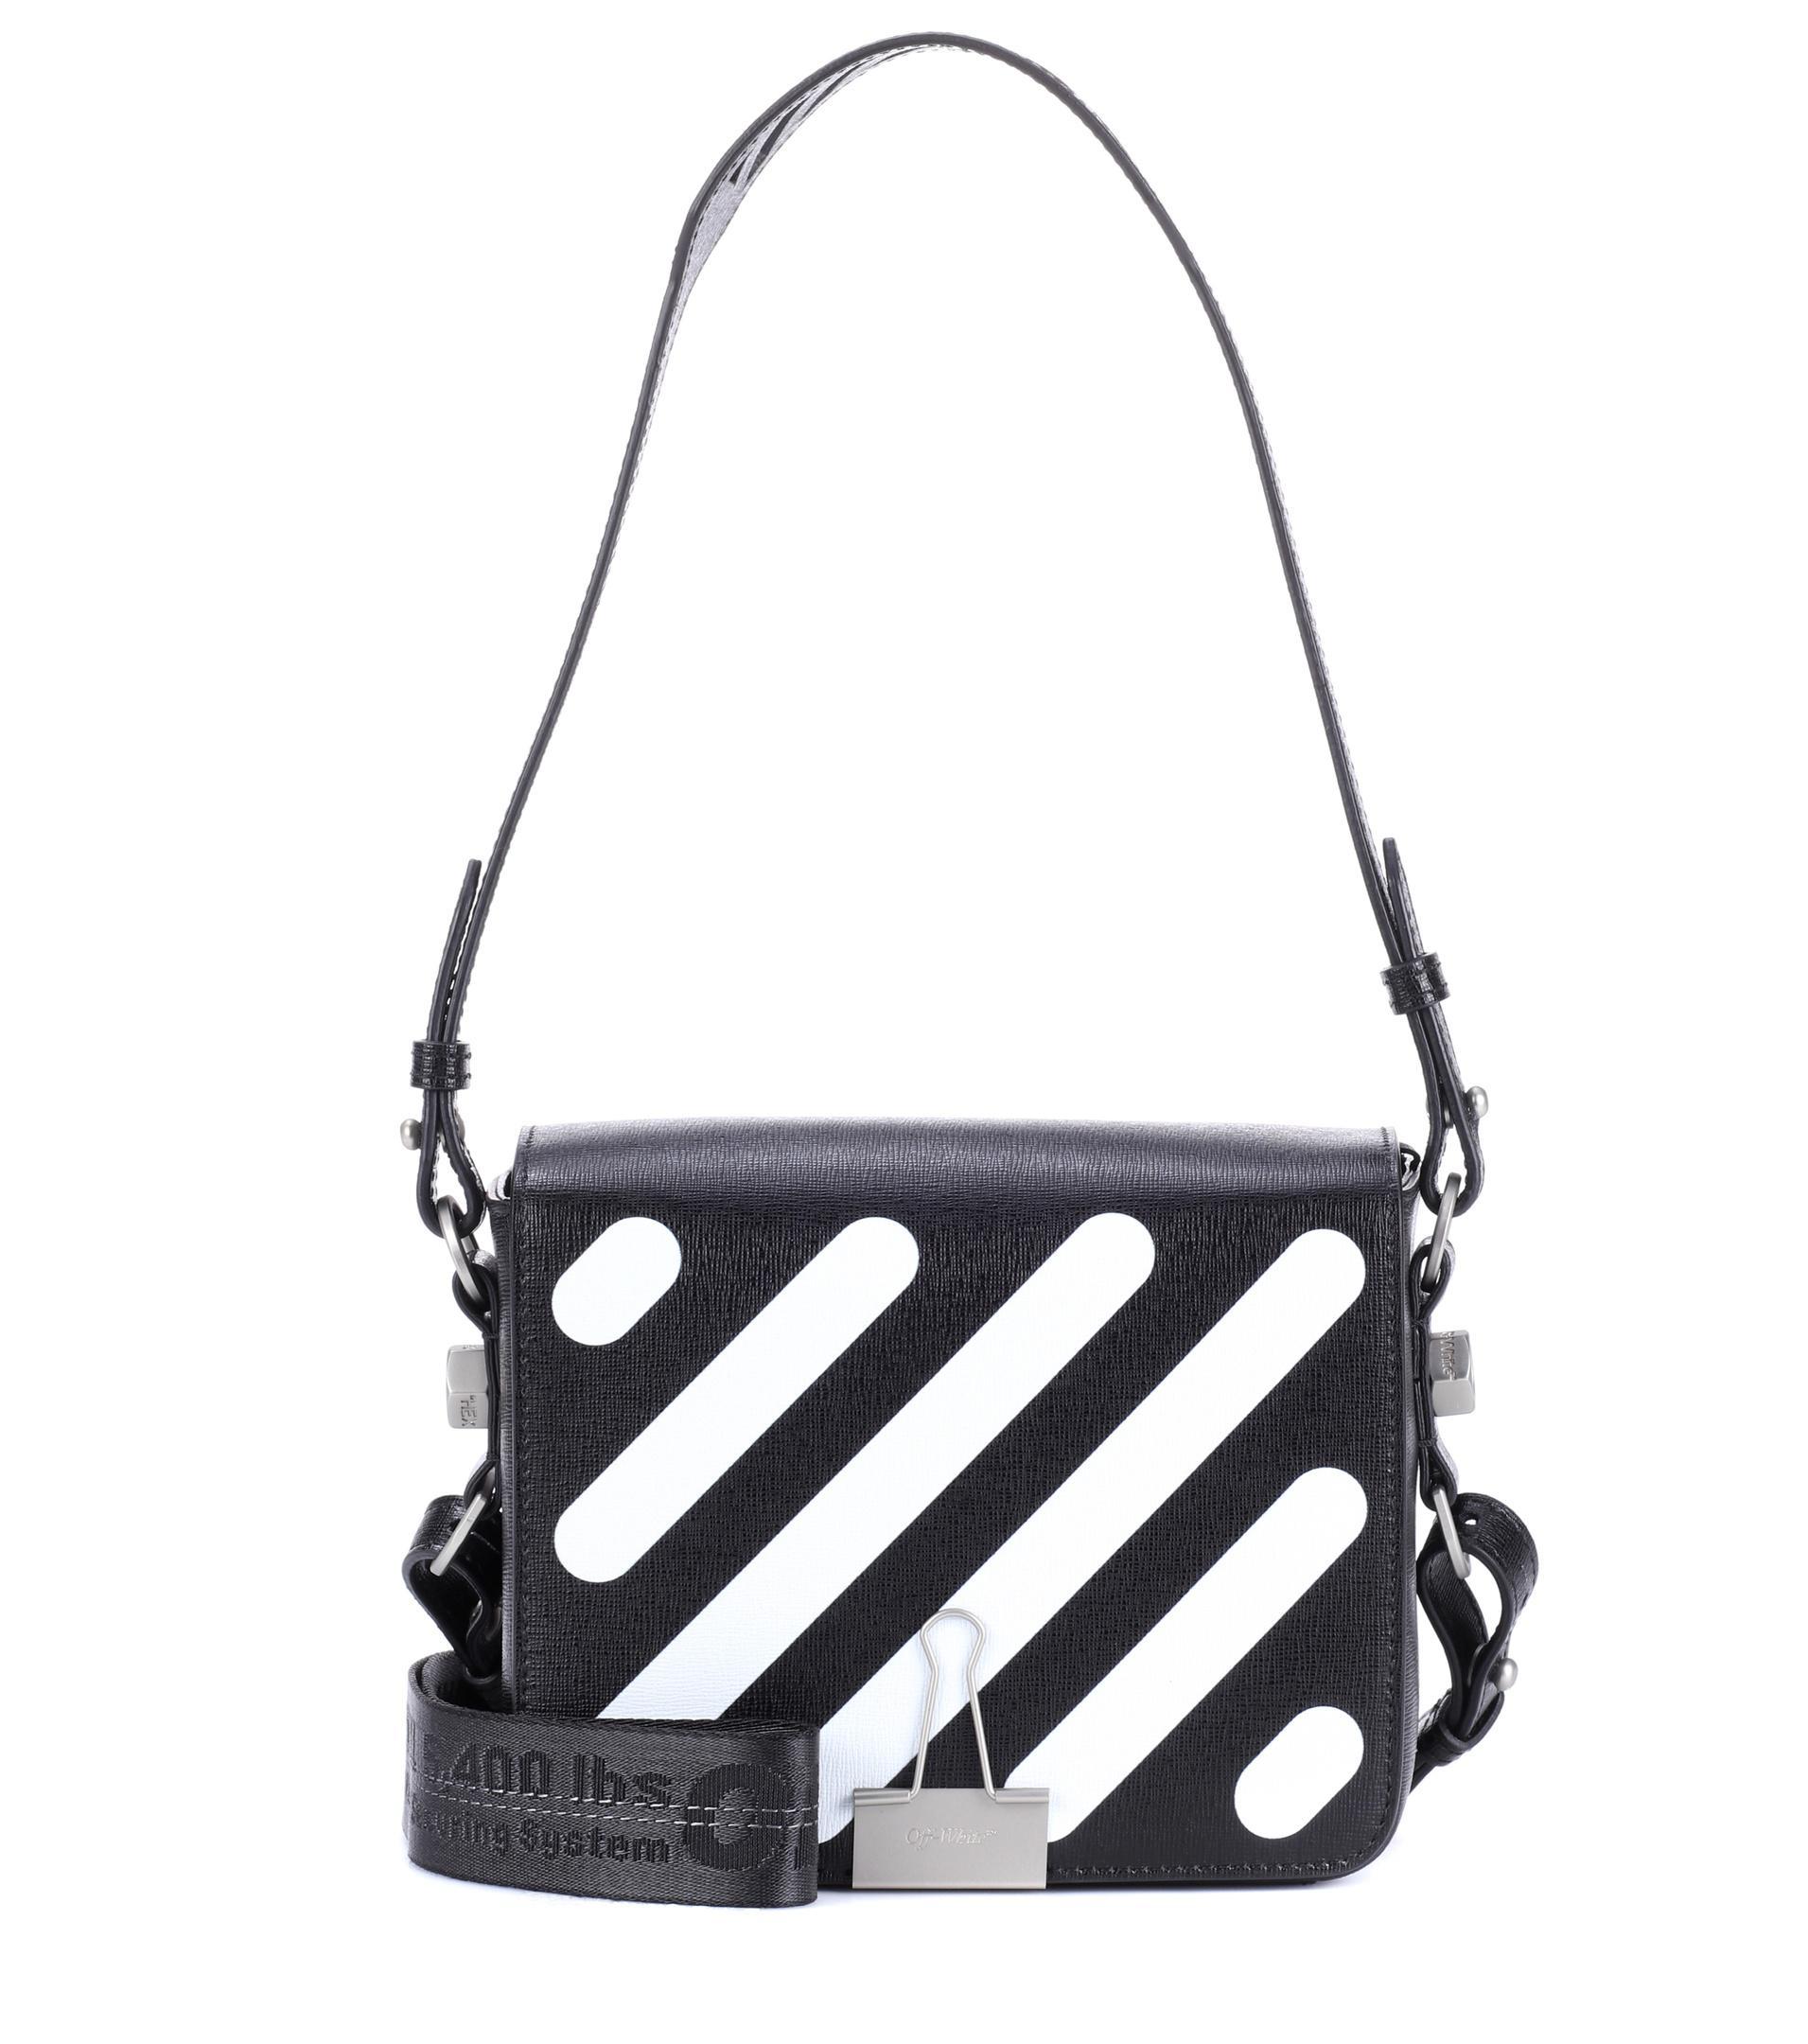 Lyst - Off-White c o Virgil Abloh Binder Clip Leather Shoulder Bag ... 6691eff375c2c